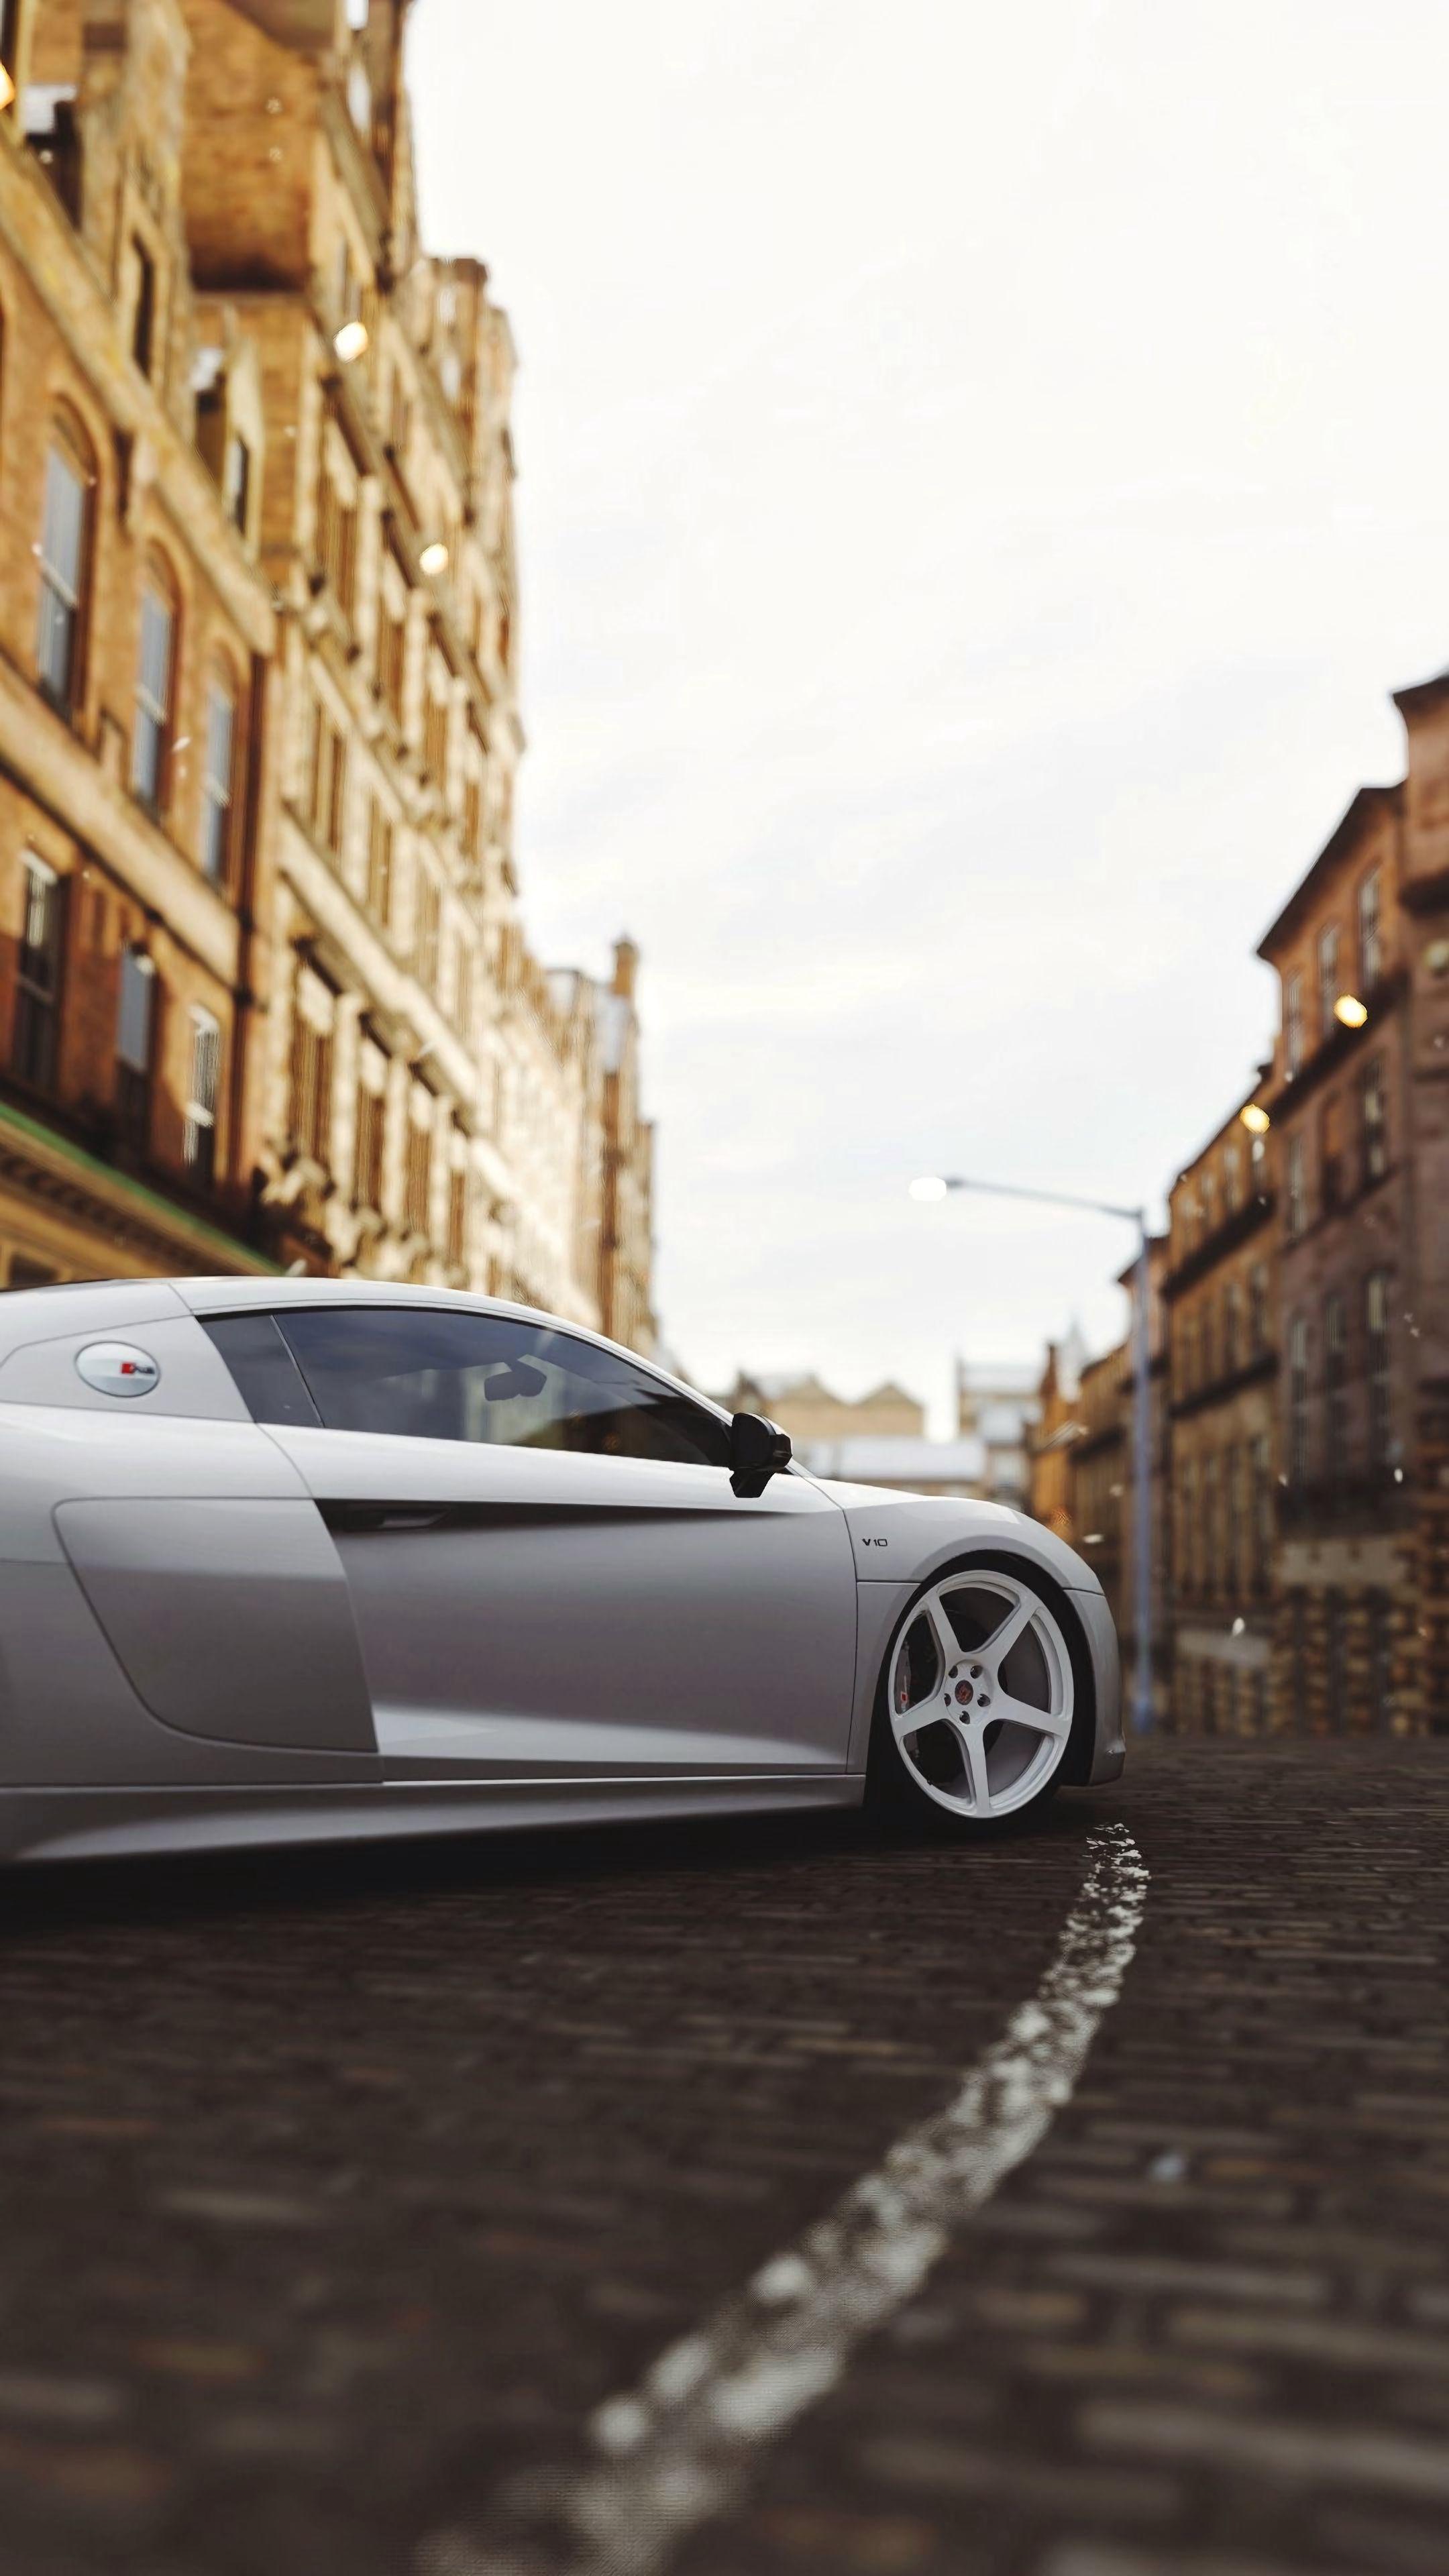 135829 Hintergrundbild herunterladen Audi, Cars, Seitenansicht, Rad, Audi R8 - Bildschirmschoner und Bilder kostenlos